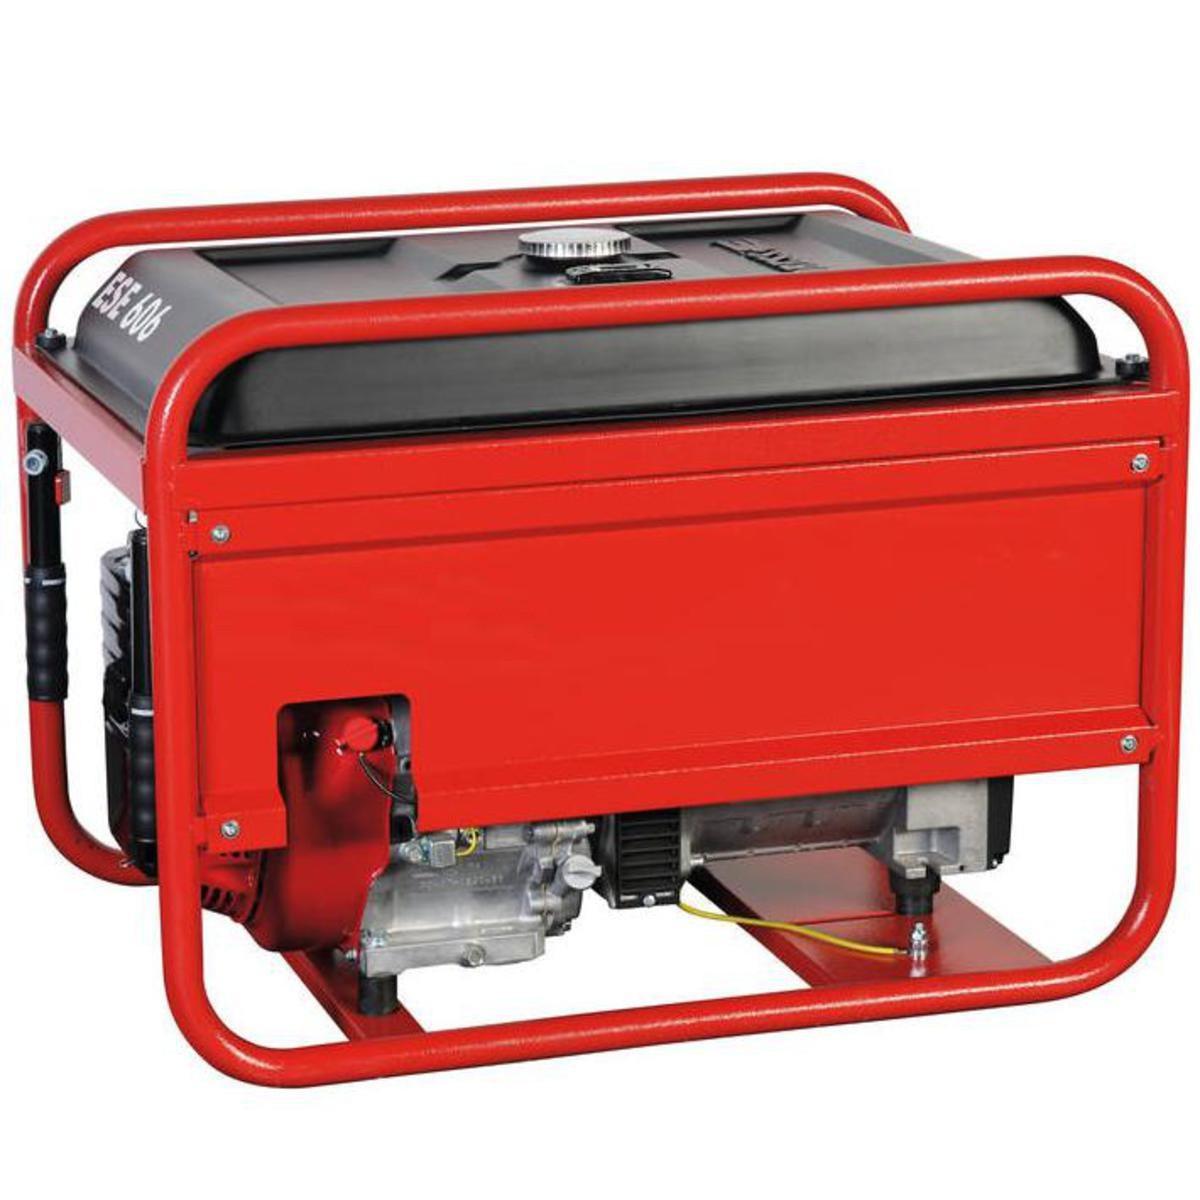 Обслуживание и ремонт бензиновых генераторов бензиновый генератор fubag ti 2600 купить